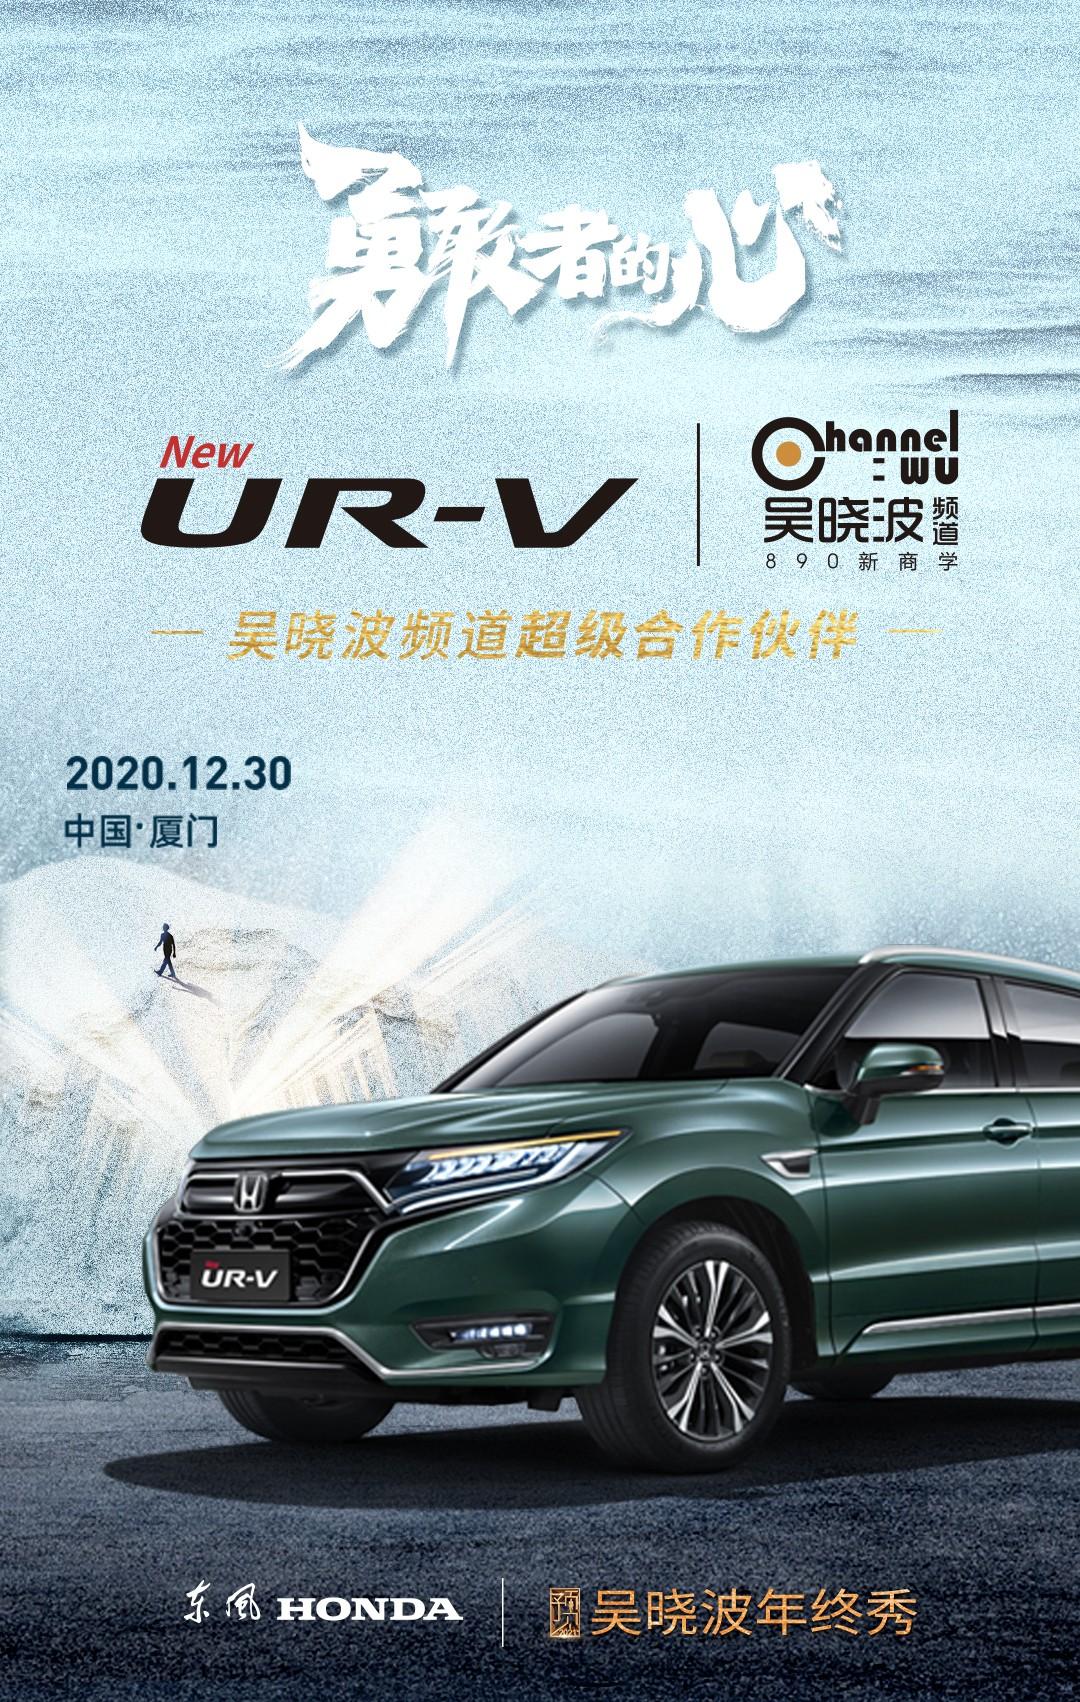 全新UR-V吴晓波年终秀车主招募令,带你解锁最in的跨年方式